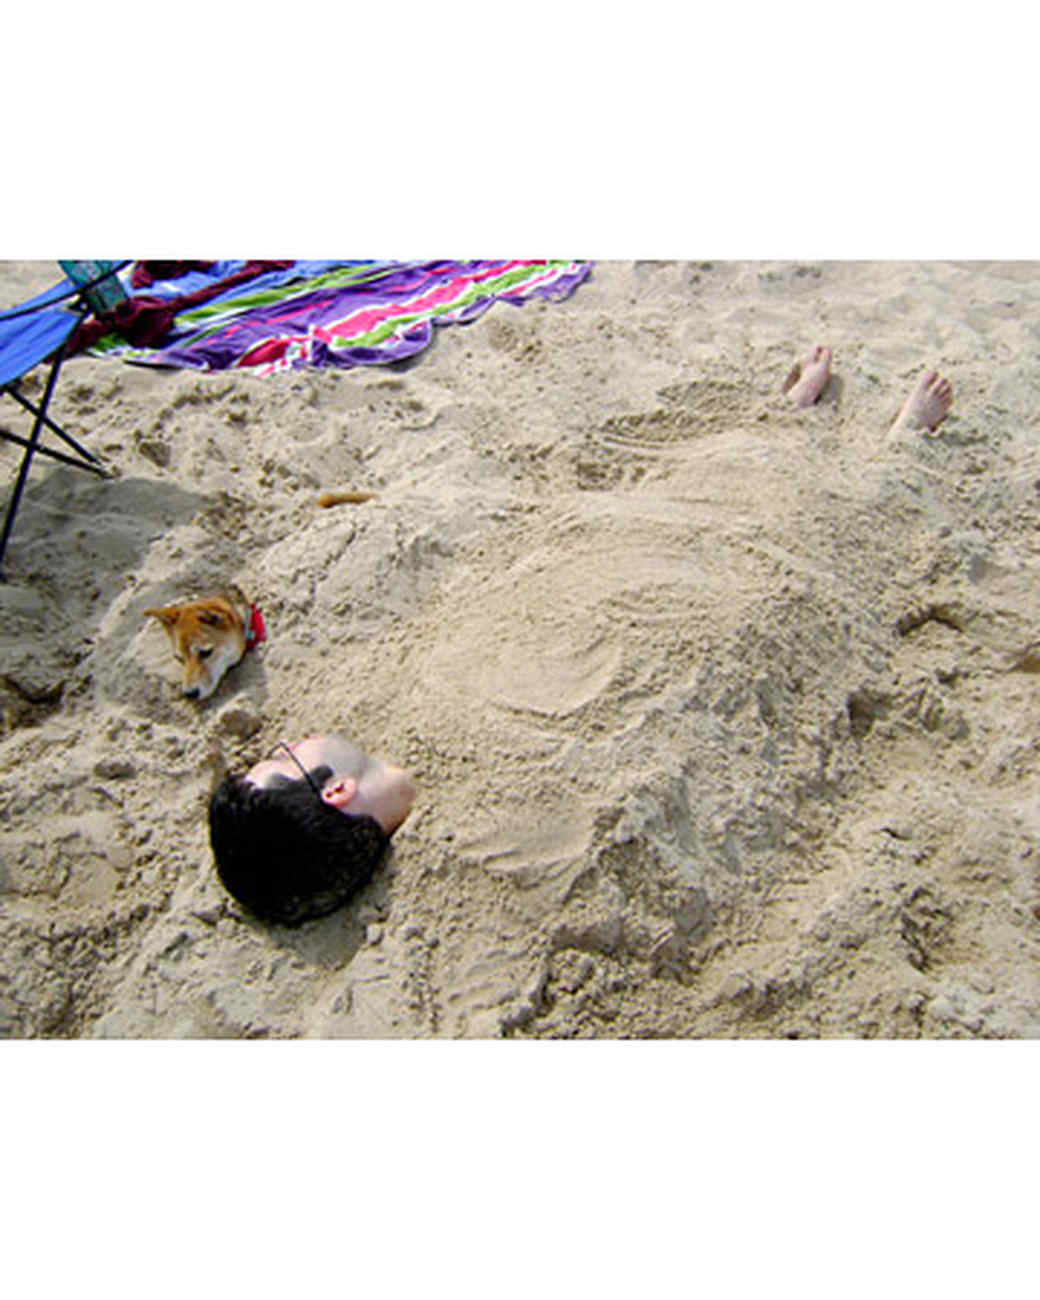 pets_beach_ori00095452.jpg